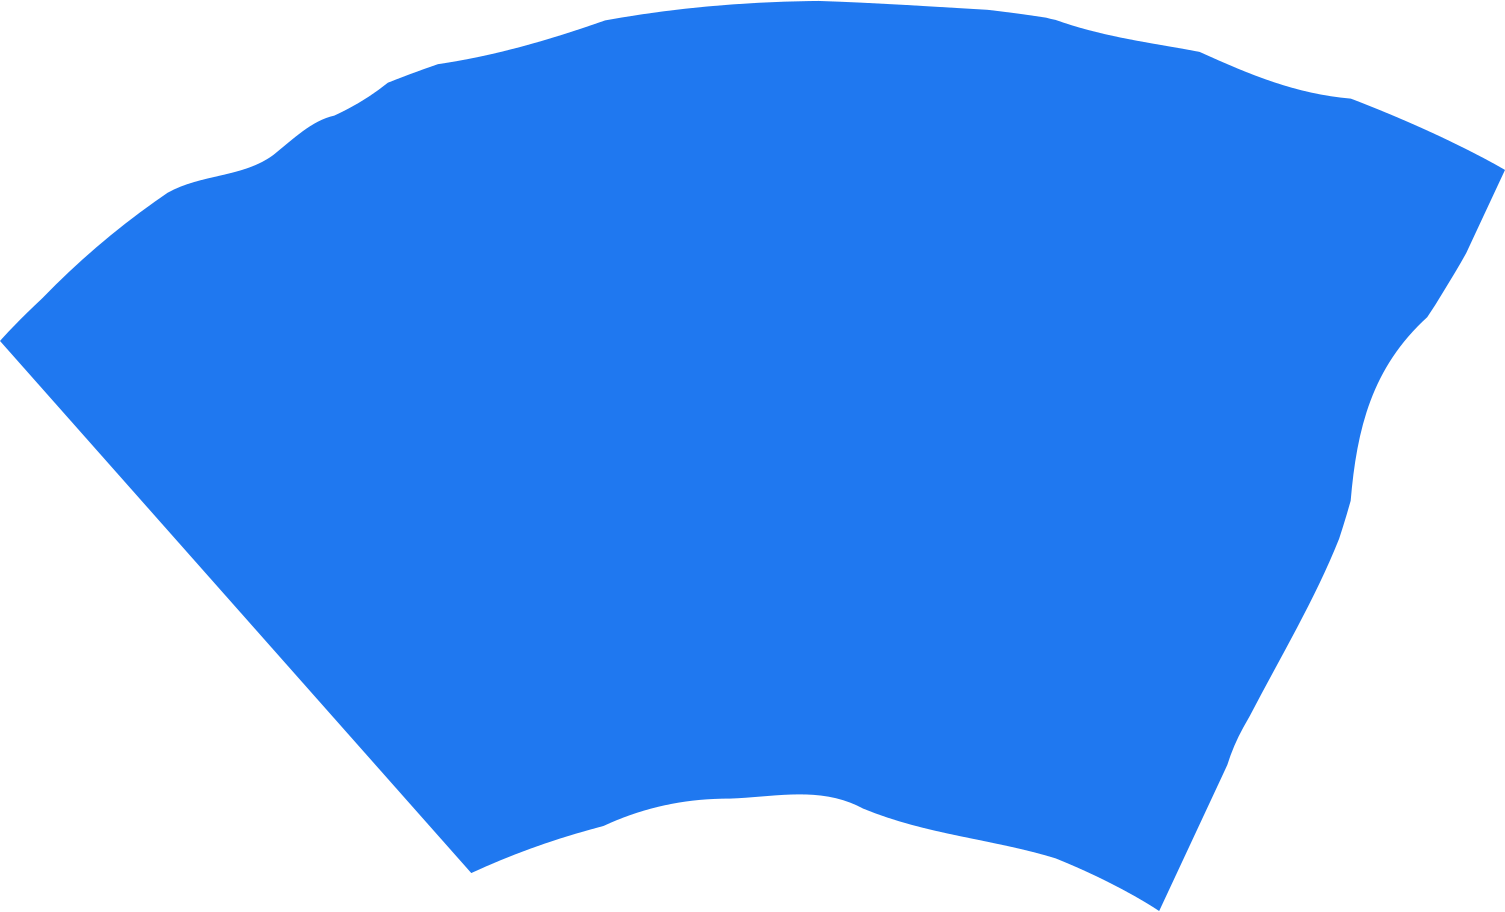 Imágenes vectoriales forma en PNG y SVG estilo  | Ilustraciones Icons8